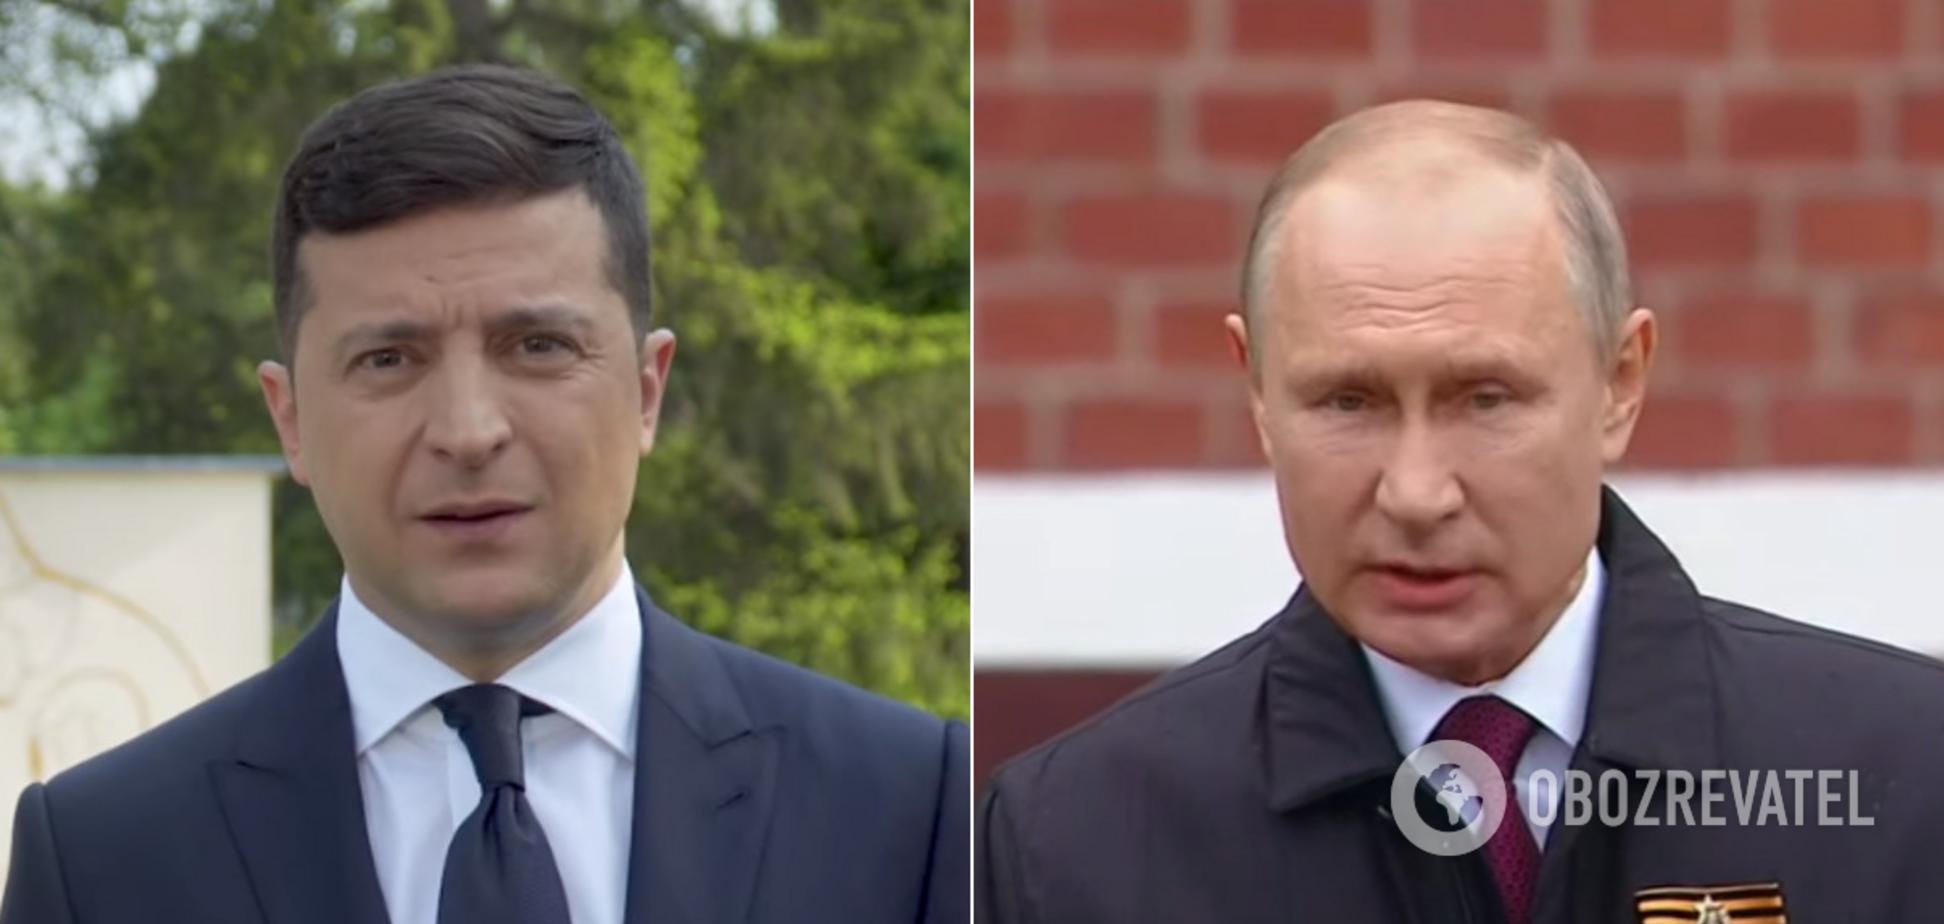 Зеленский высказался о поездке на военный парад к Путину